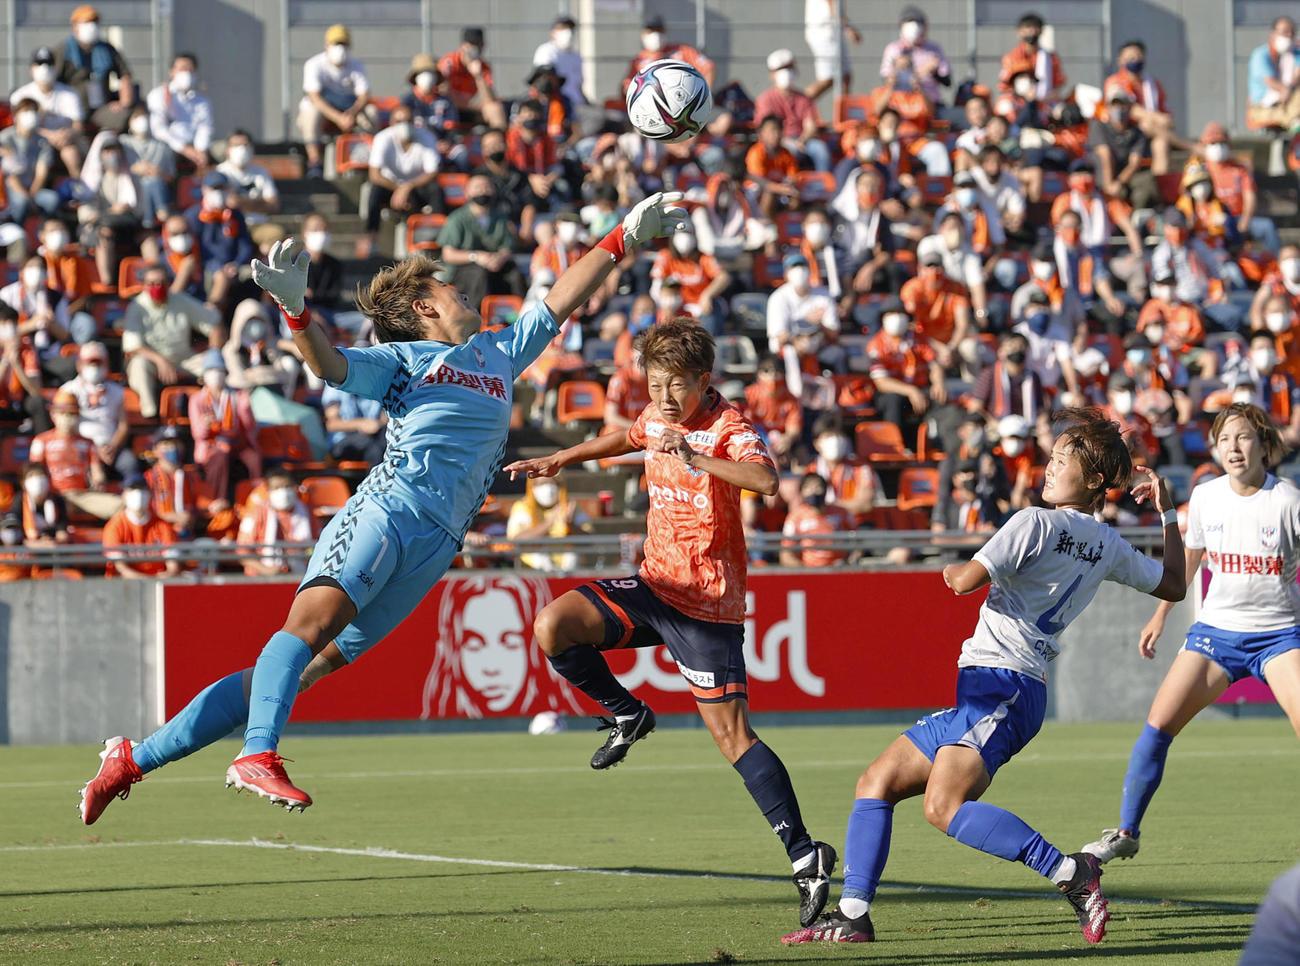 後半、クロスボールに飛びつく新潟のGK平尾(左端)(共同)